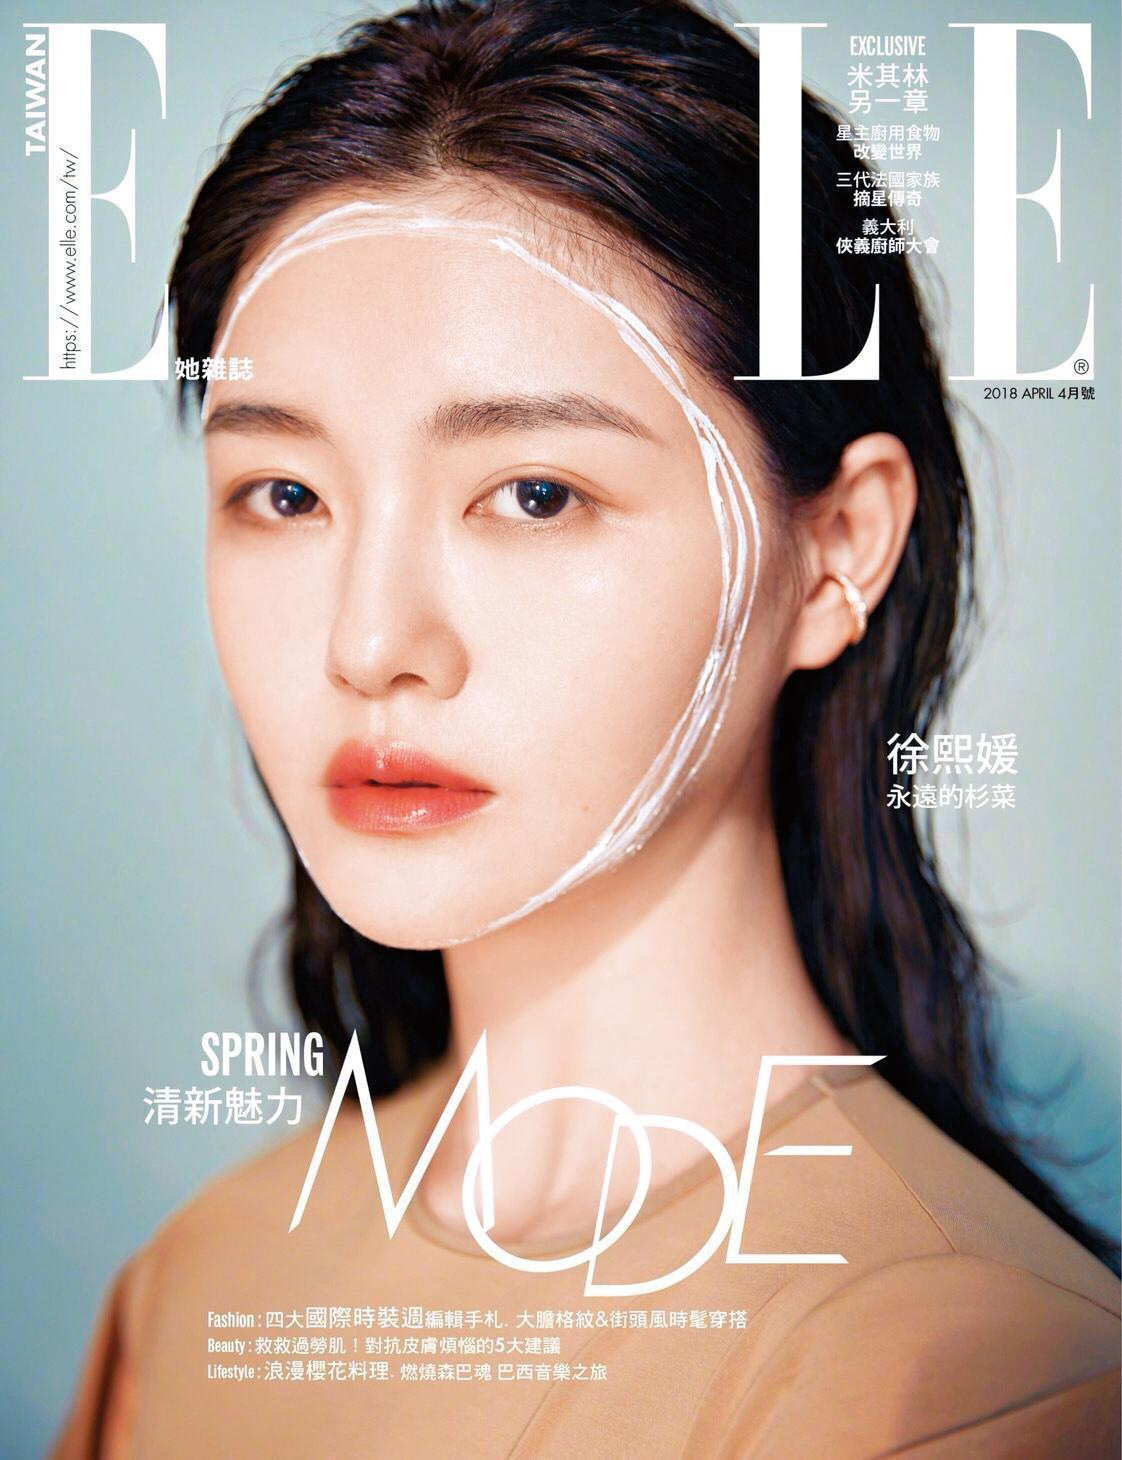 大S日前素顏上國際中文版封面,重回過往時尚女王風采。(翻攝自《ELLE》)